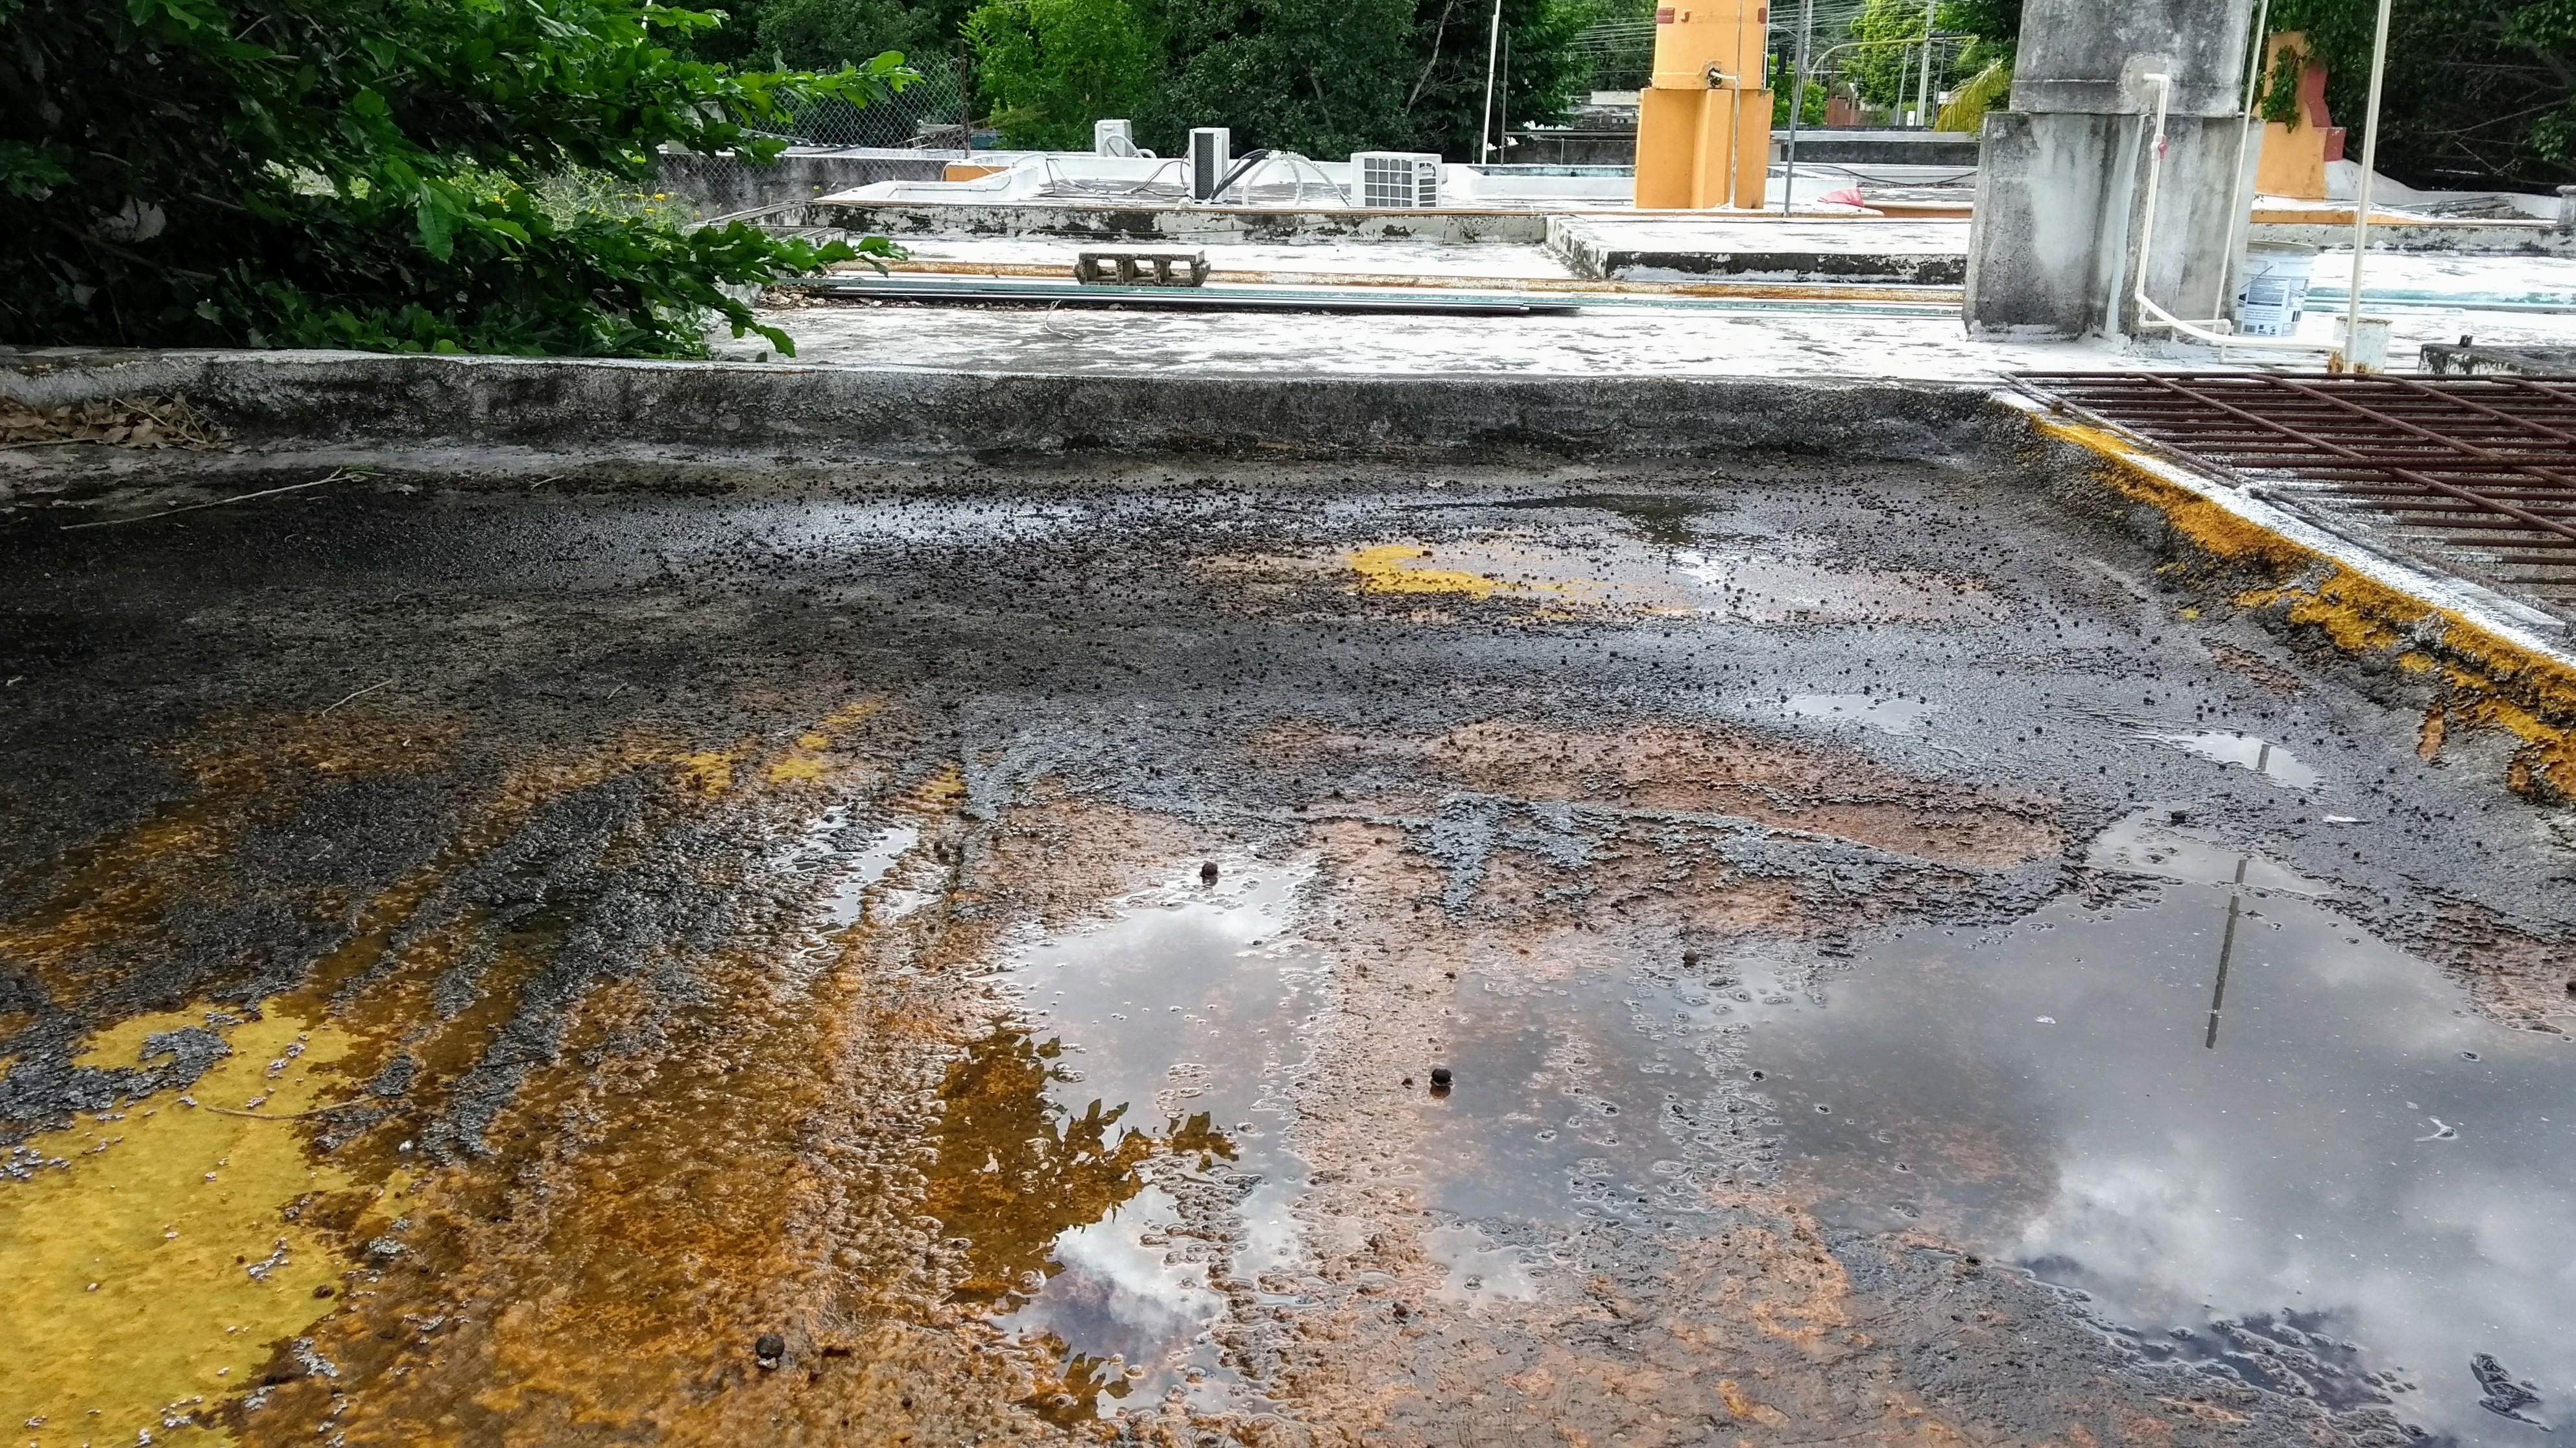 Venden en Yucatán impermeabilizantes que ¡calientan las casas! (video)